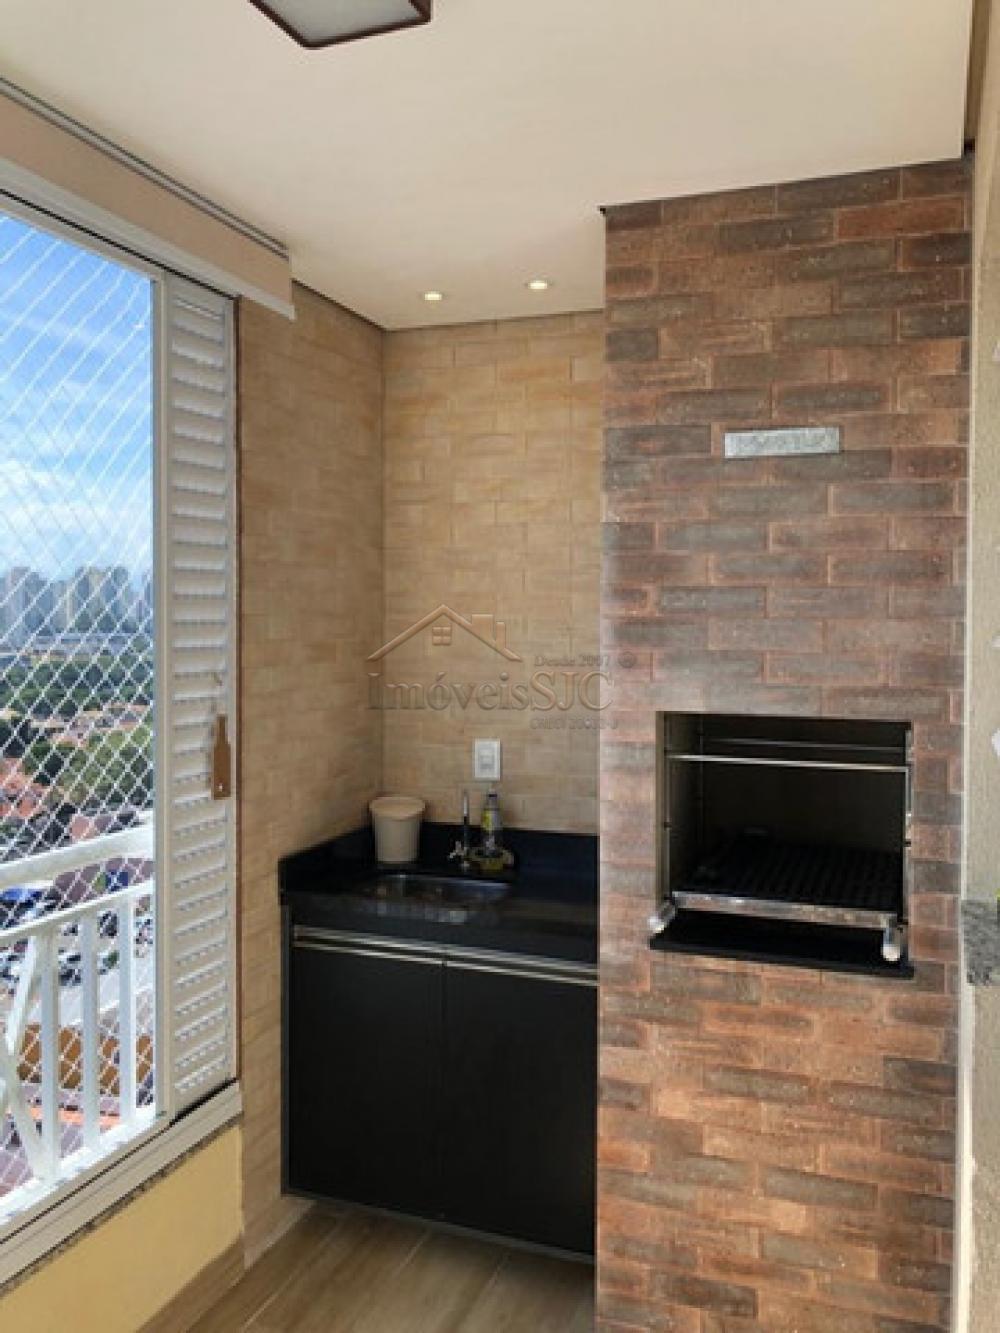 Comprar Apartamentos / Padrão em São José dos Campos R$ 392.000,00 - Foto 6